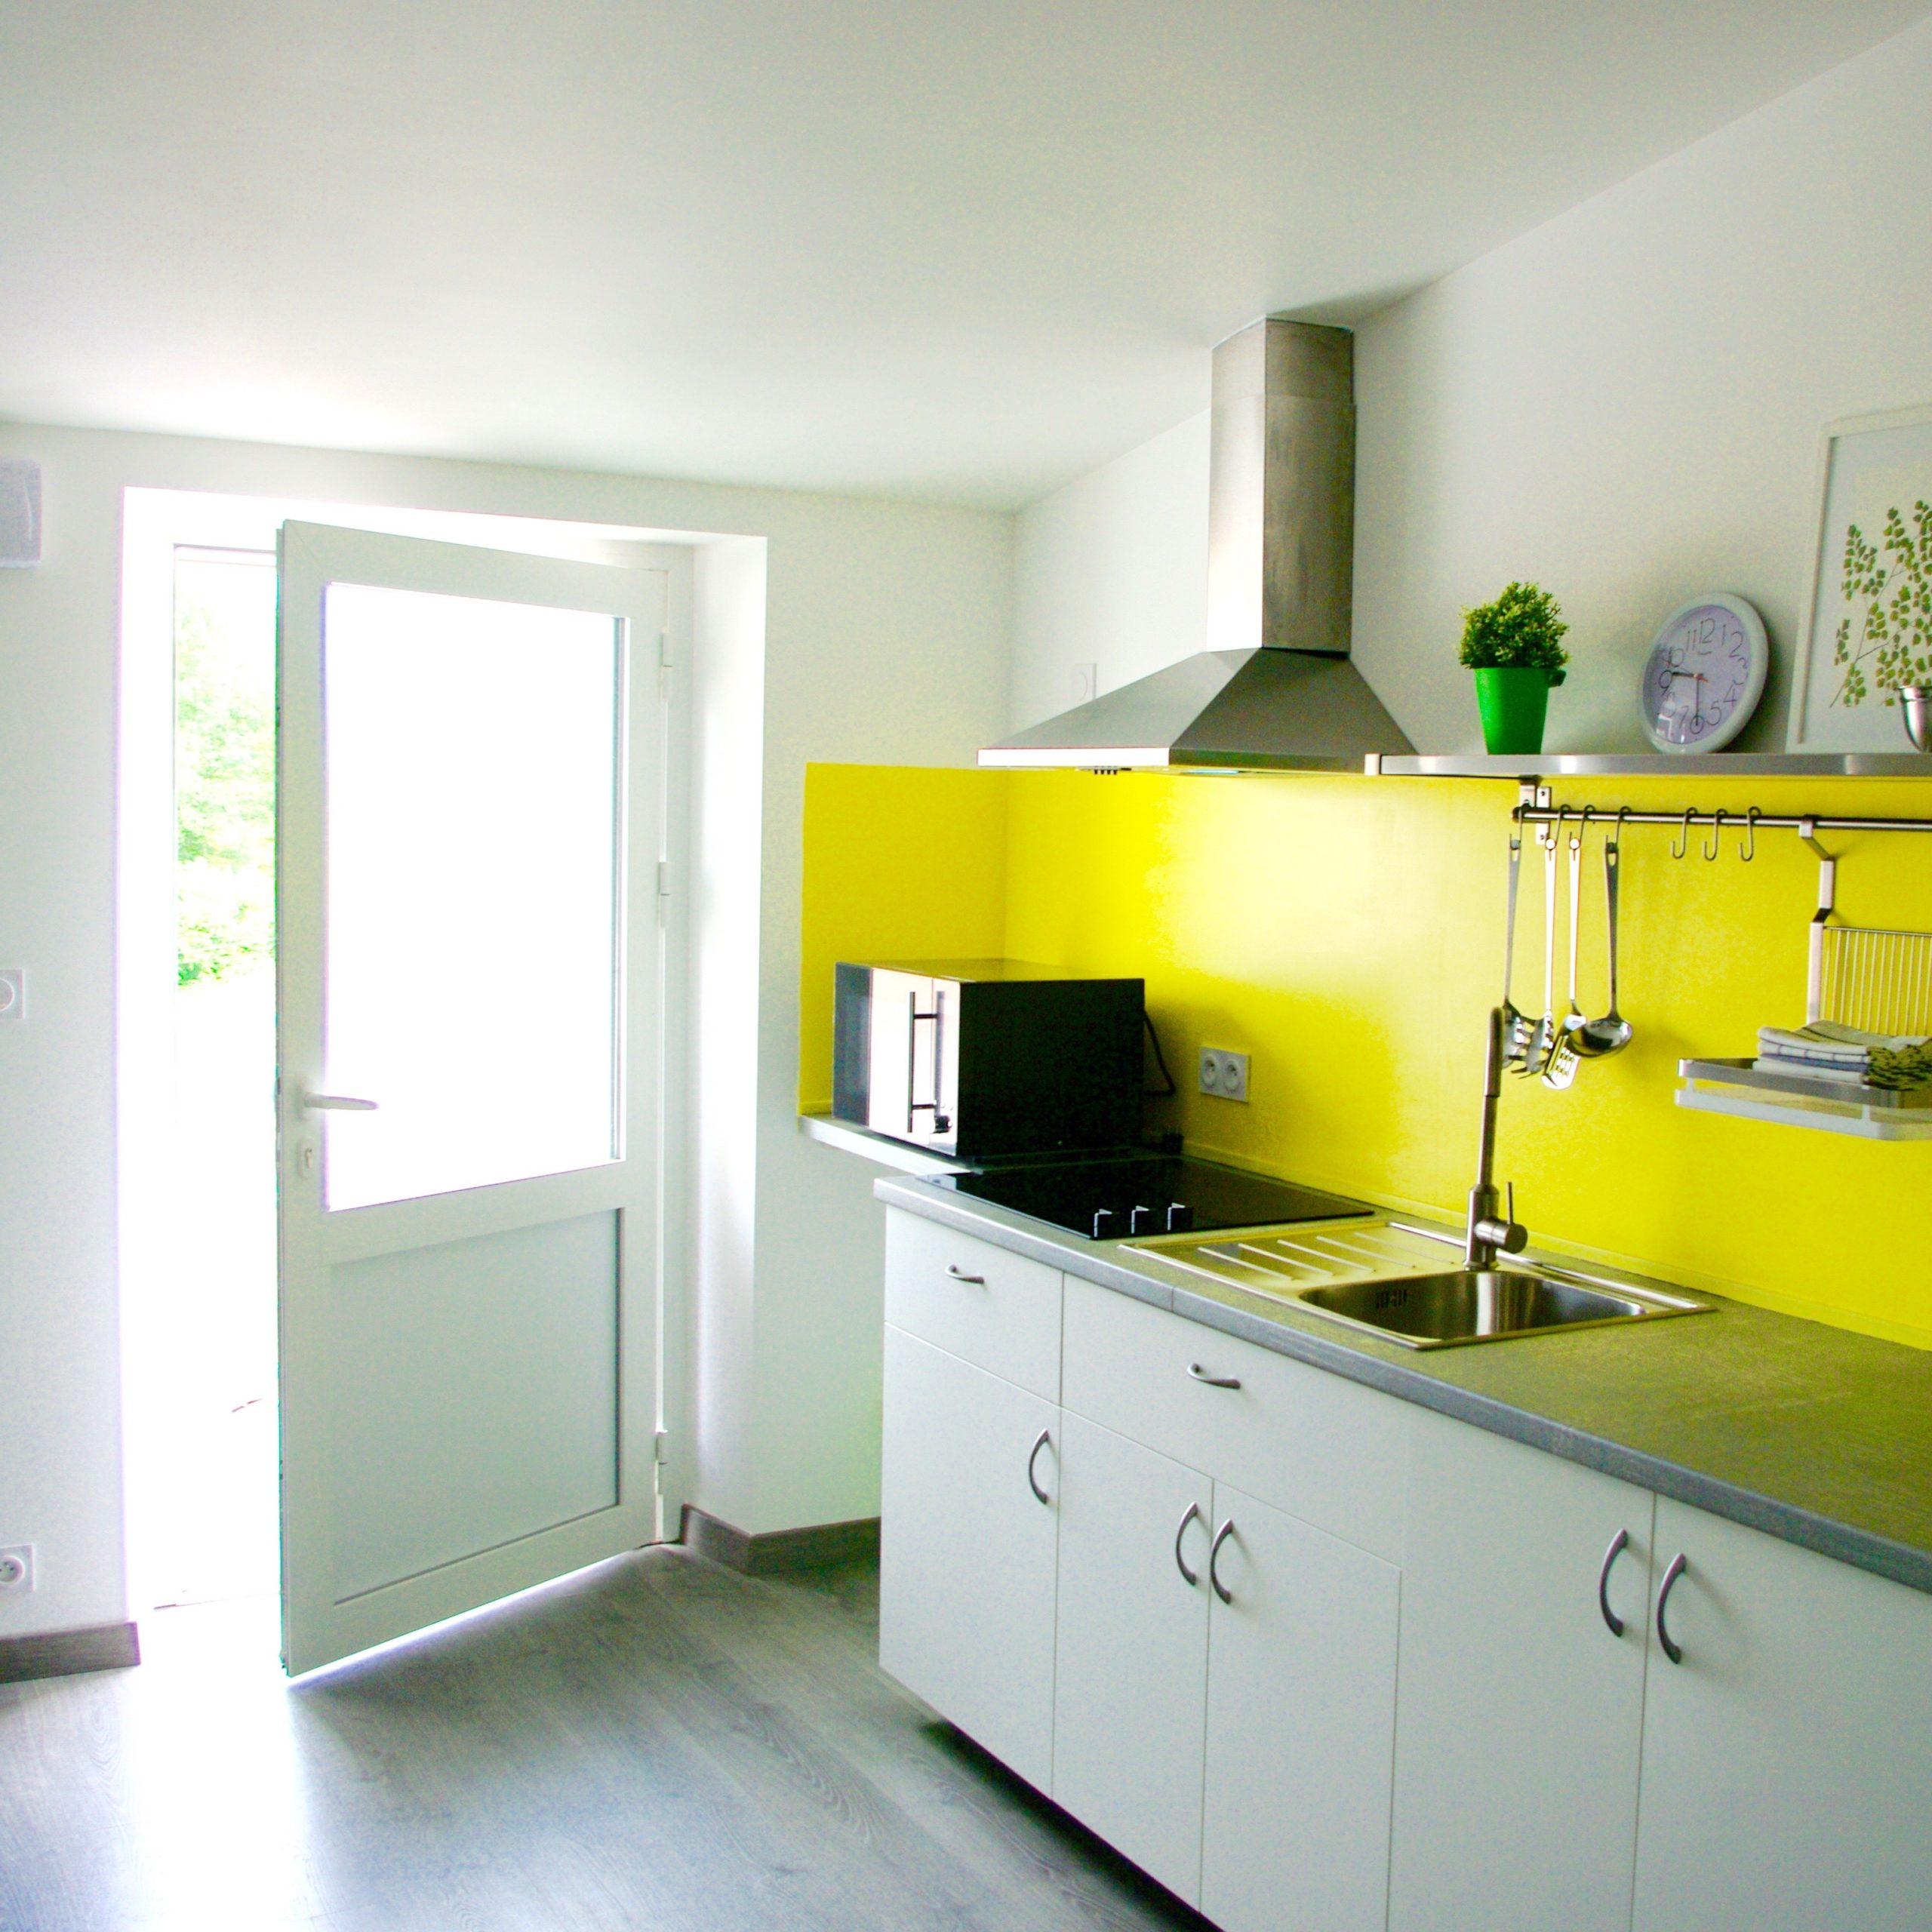 location-meublés-linclassable-médoc-cuisine